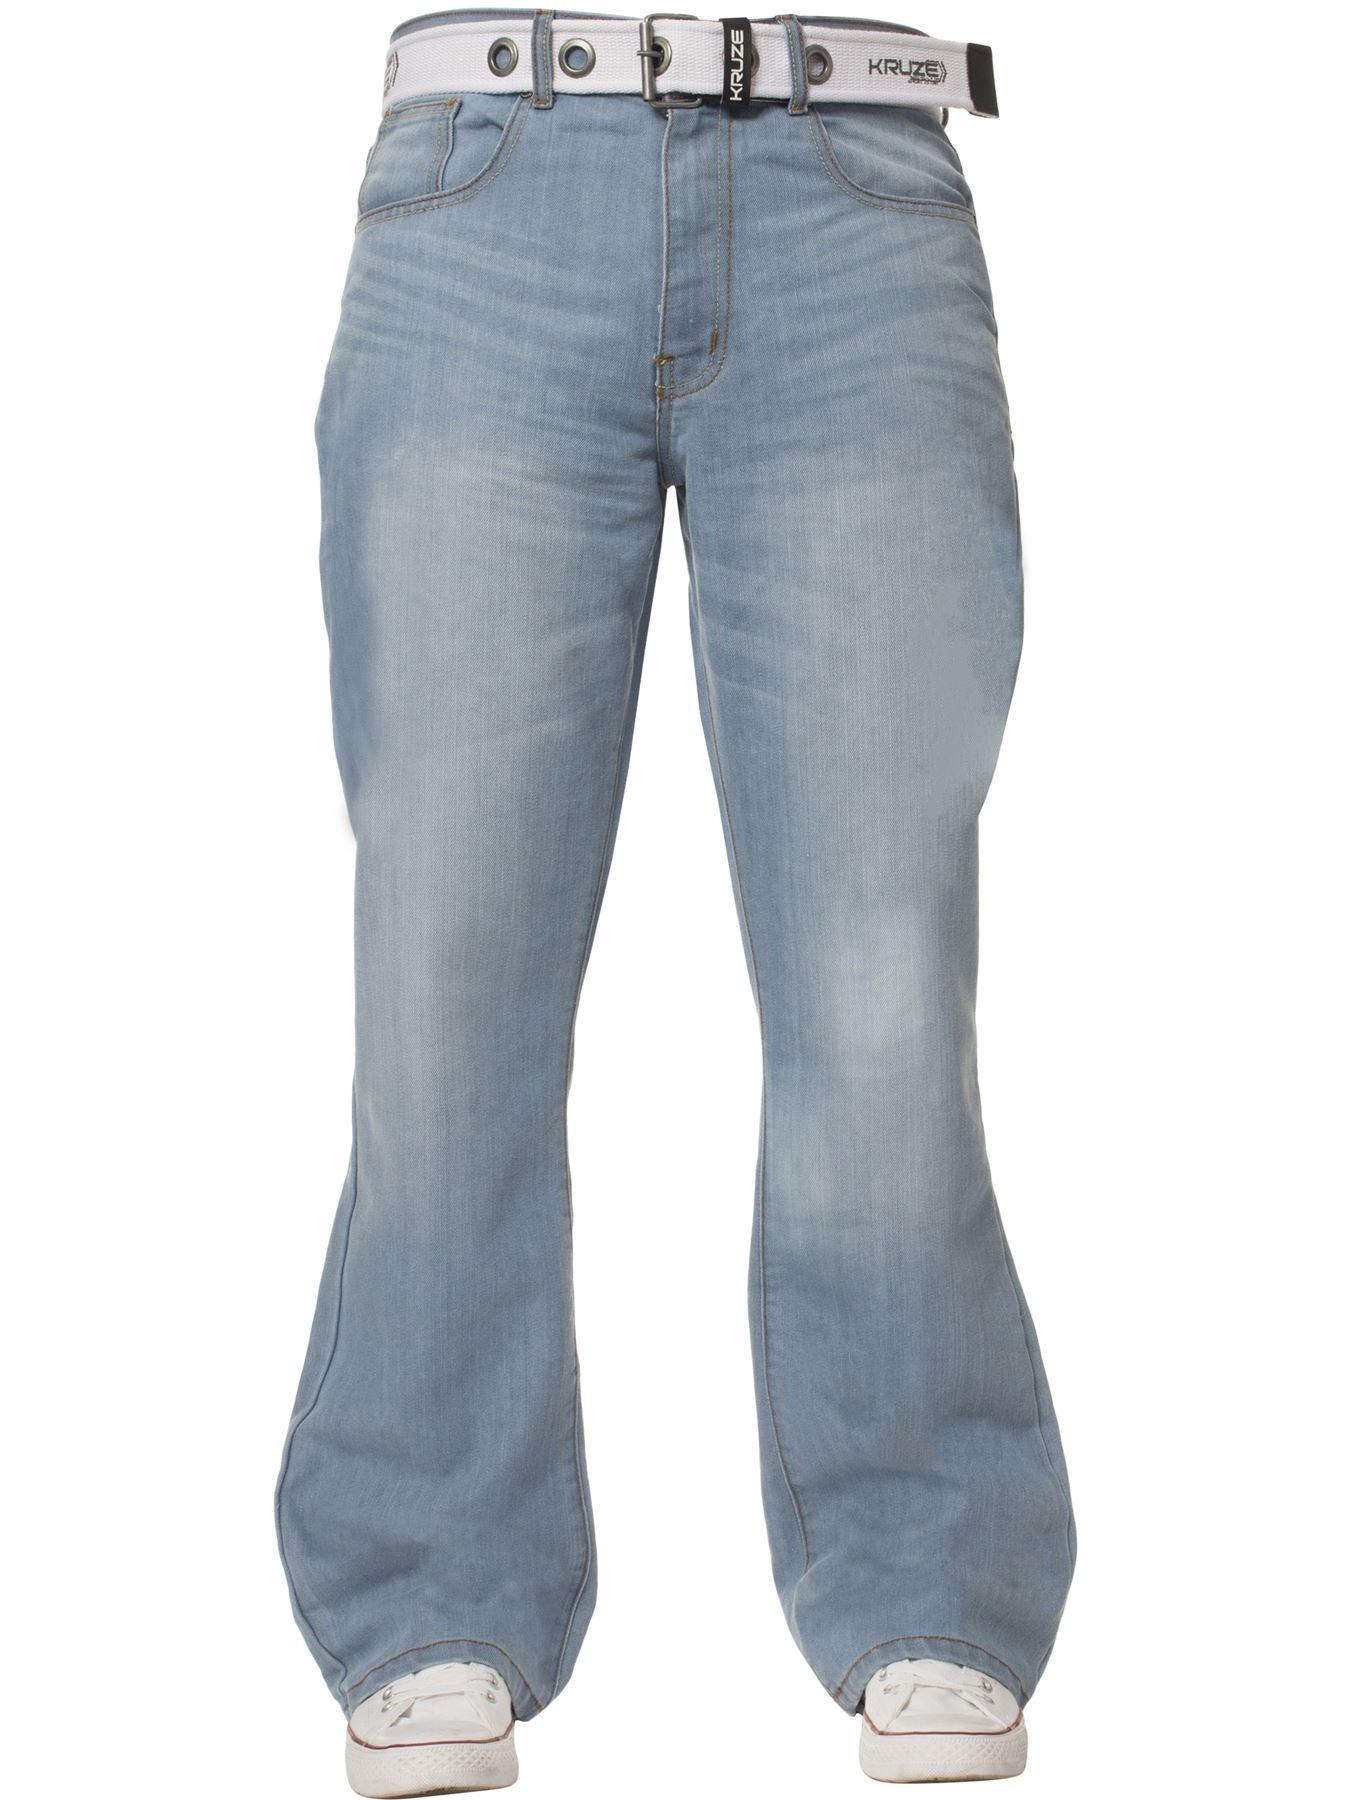 Kruze-Herren-Bootcut-Jeans-Ausgestellt-Weites-Bein-Denim-Hose-Gross-Hoch-Koenig Indexbild 12